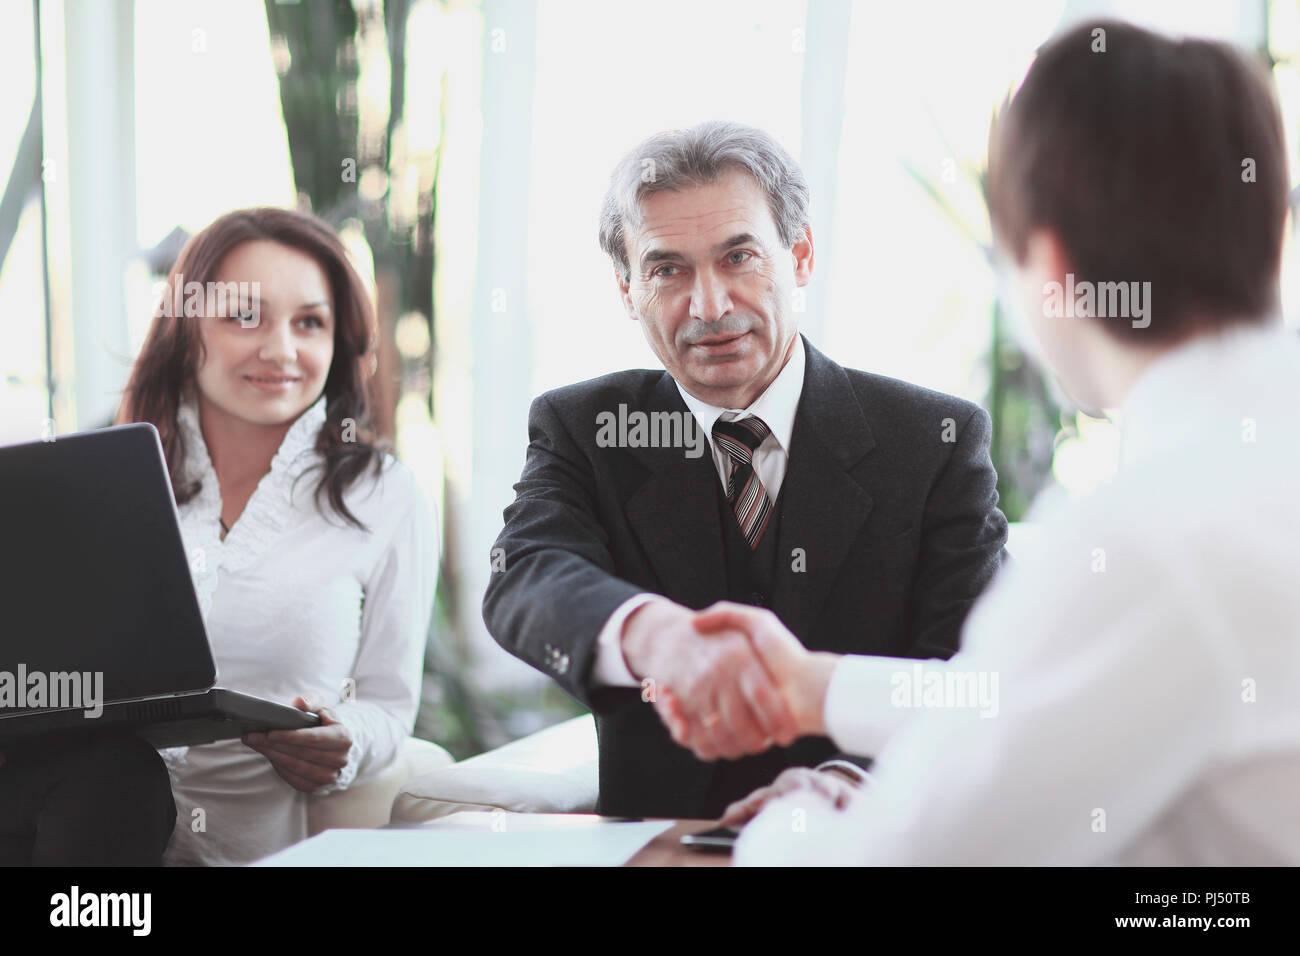 Poignée de main. Gros plan Manager et client sitting at Desk Photo Stock